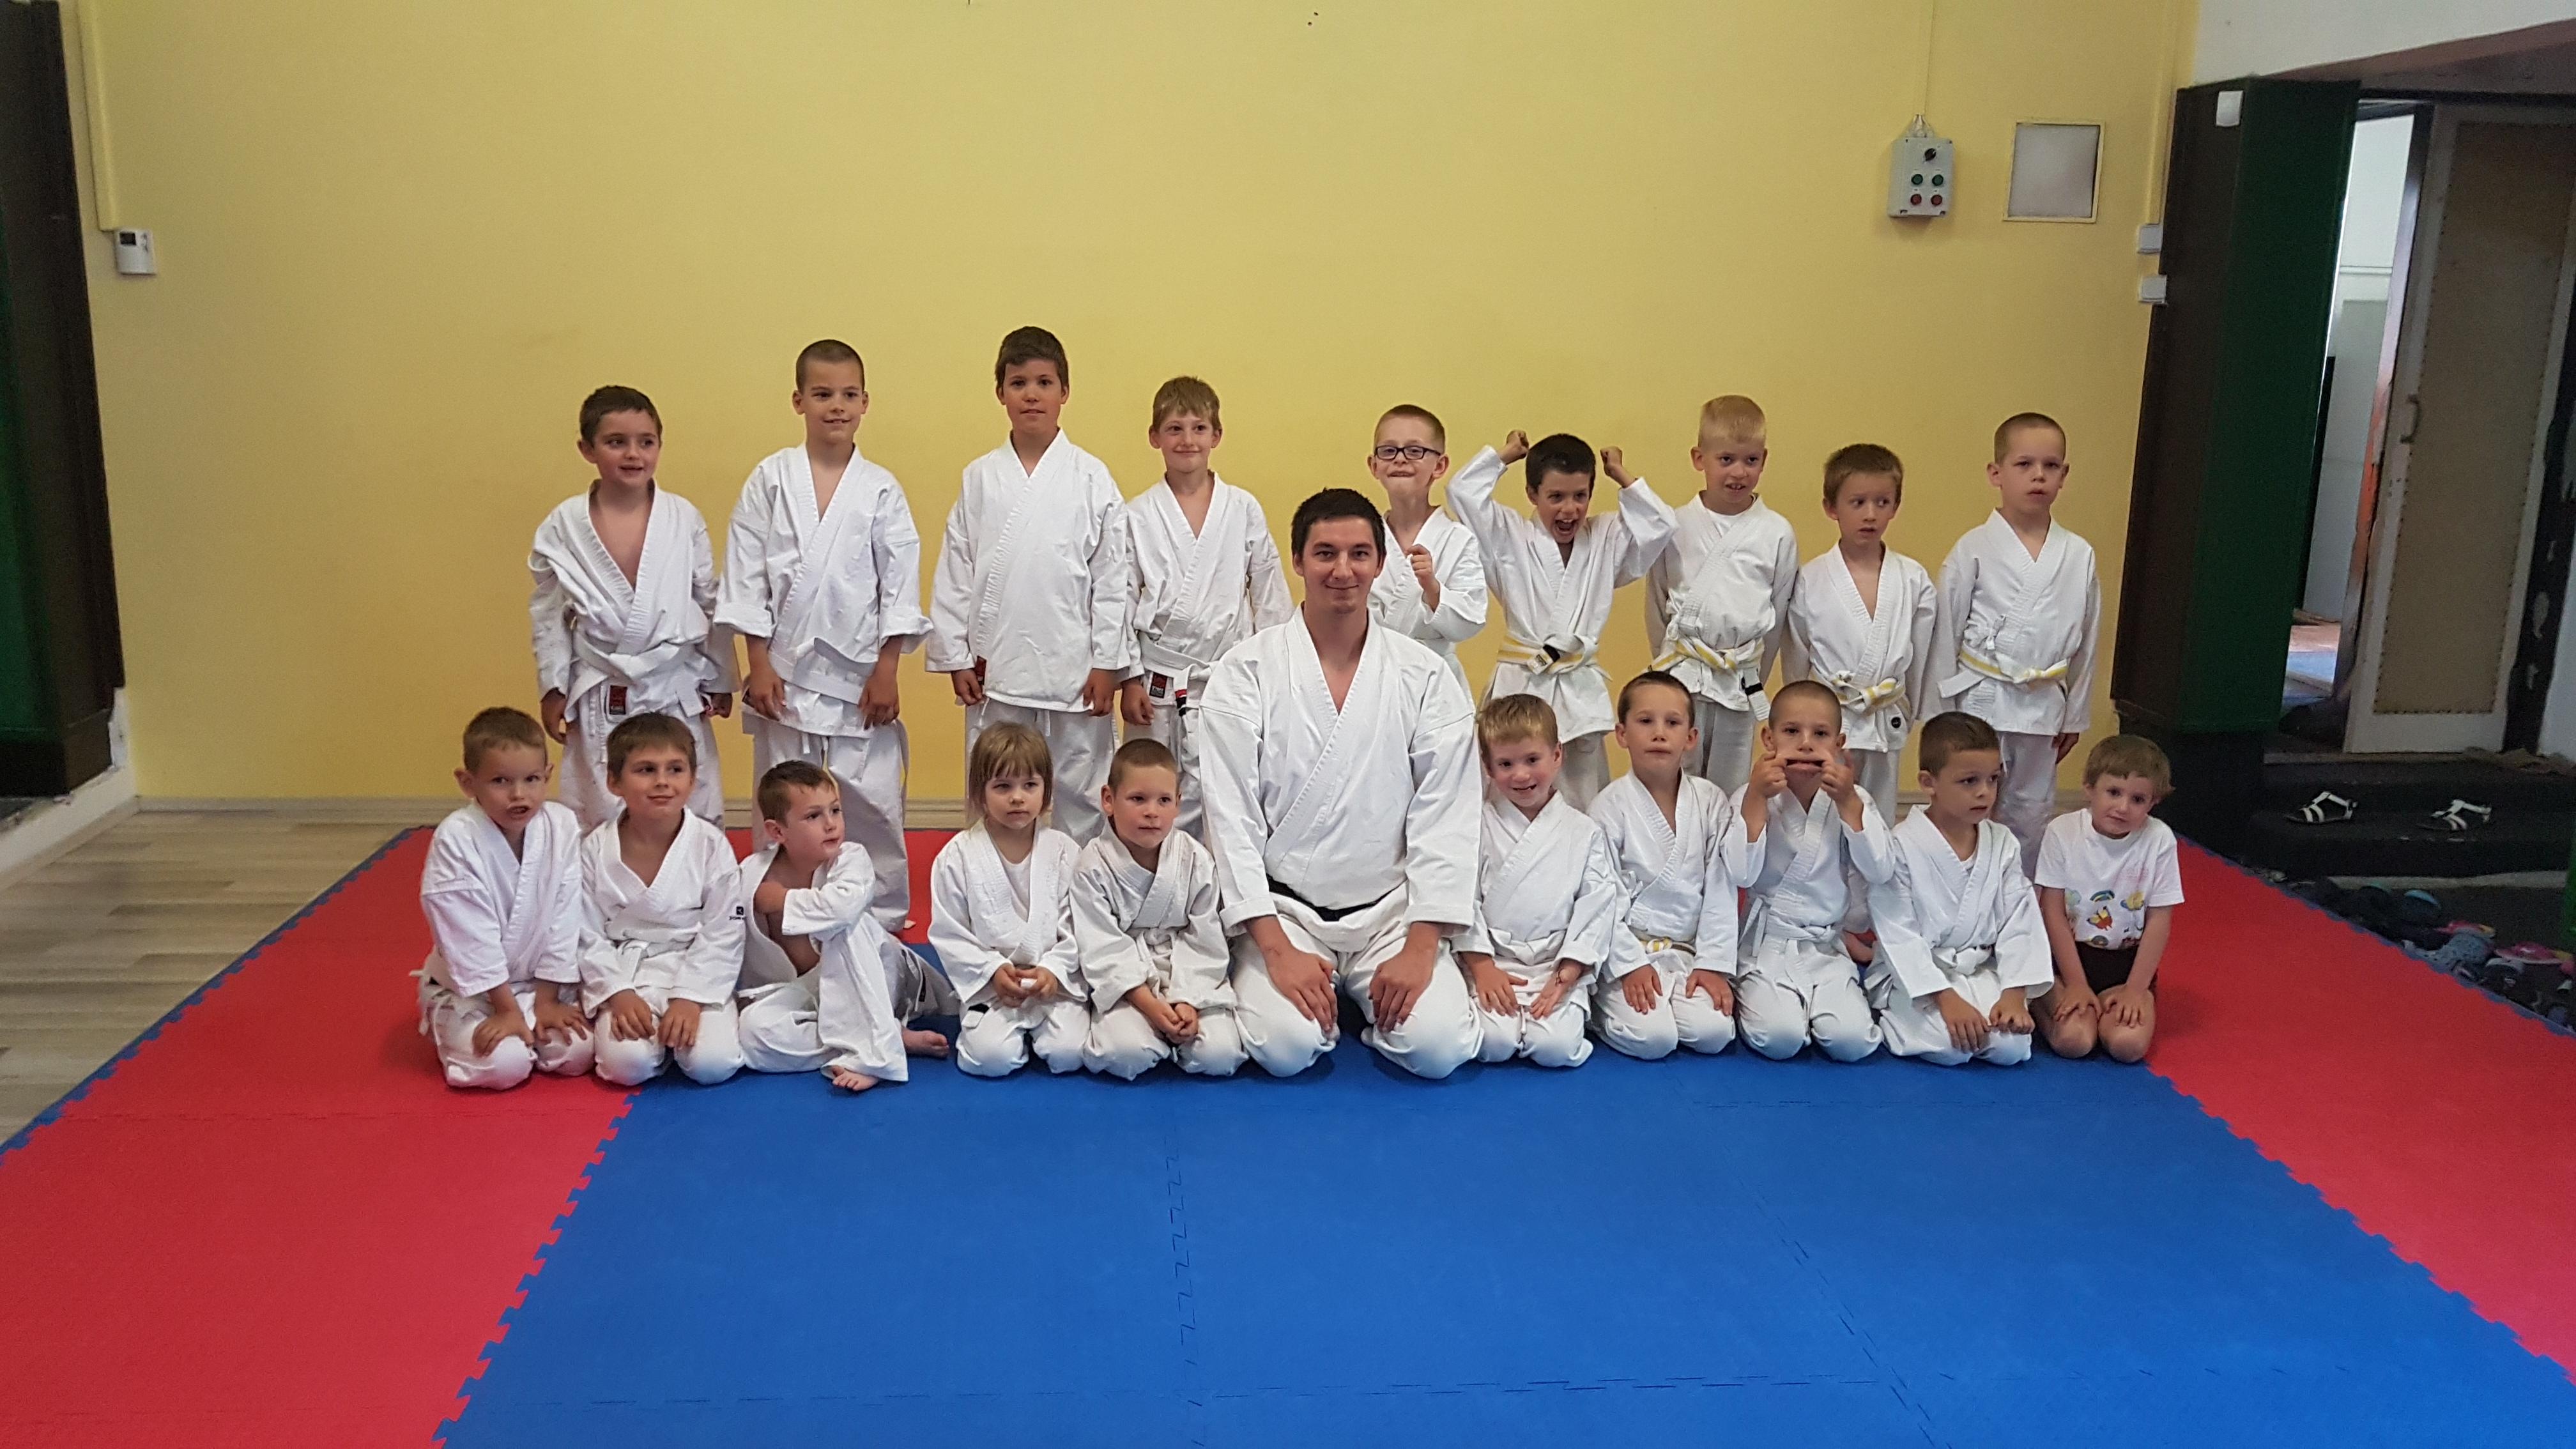 karate_nyarovis.jpg